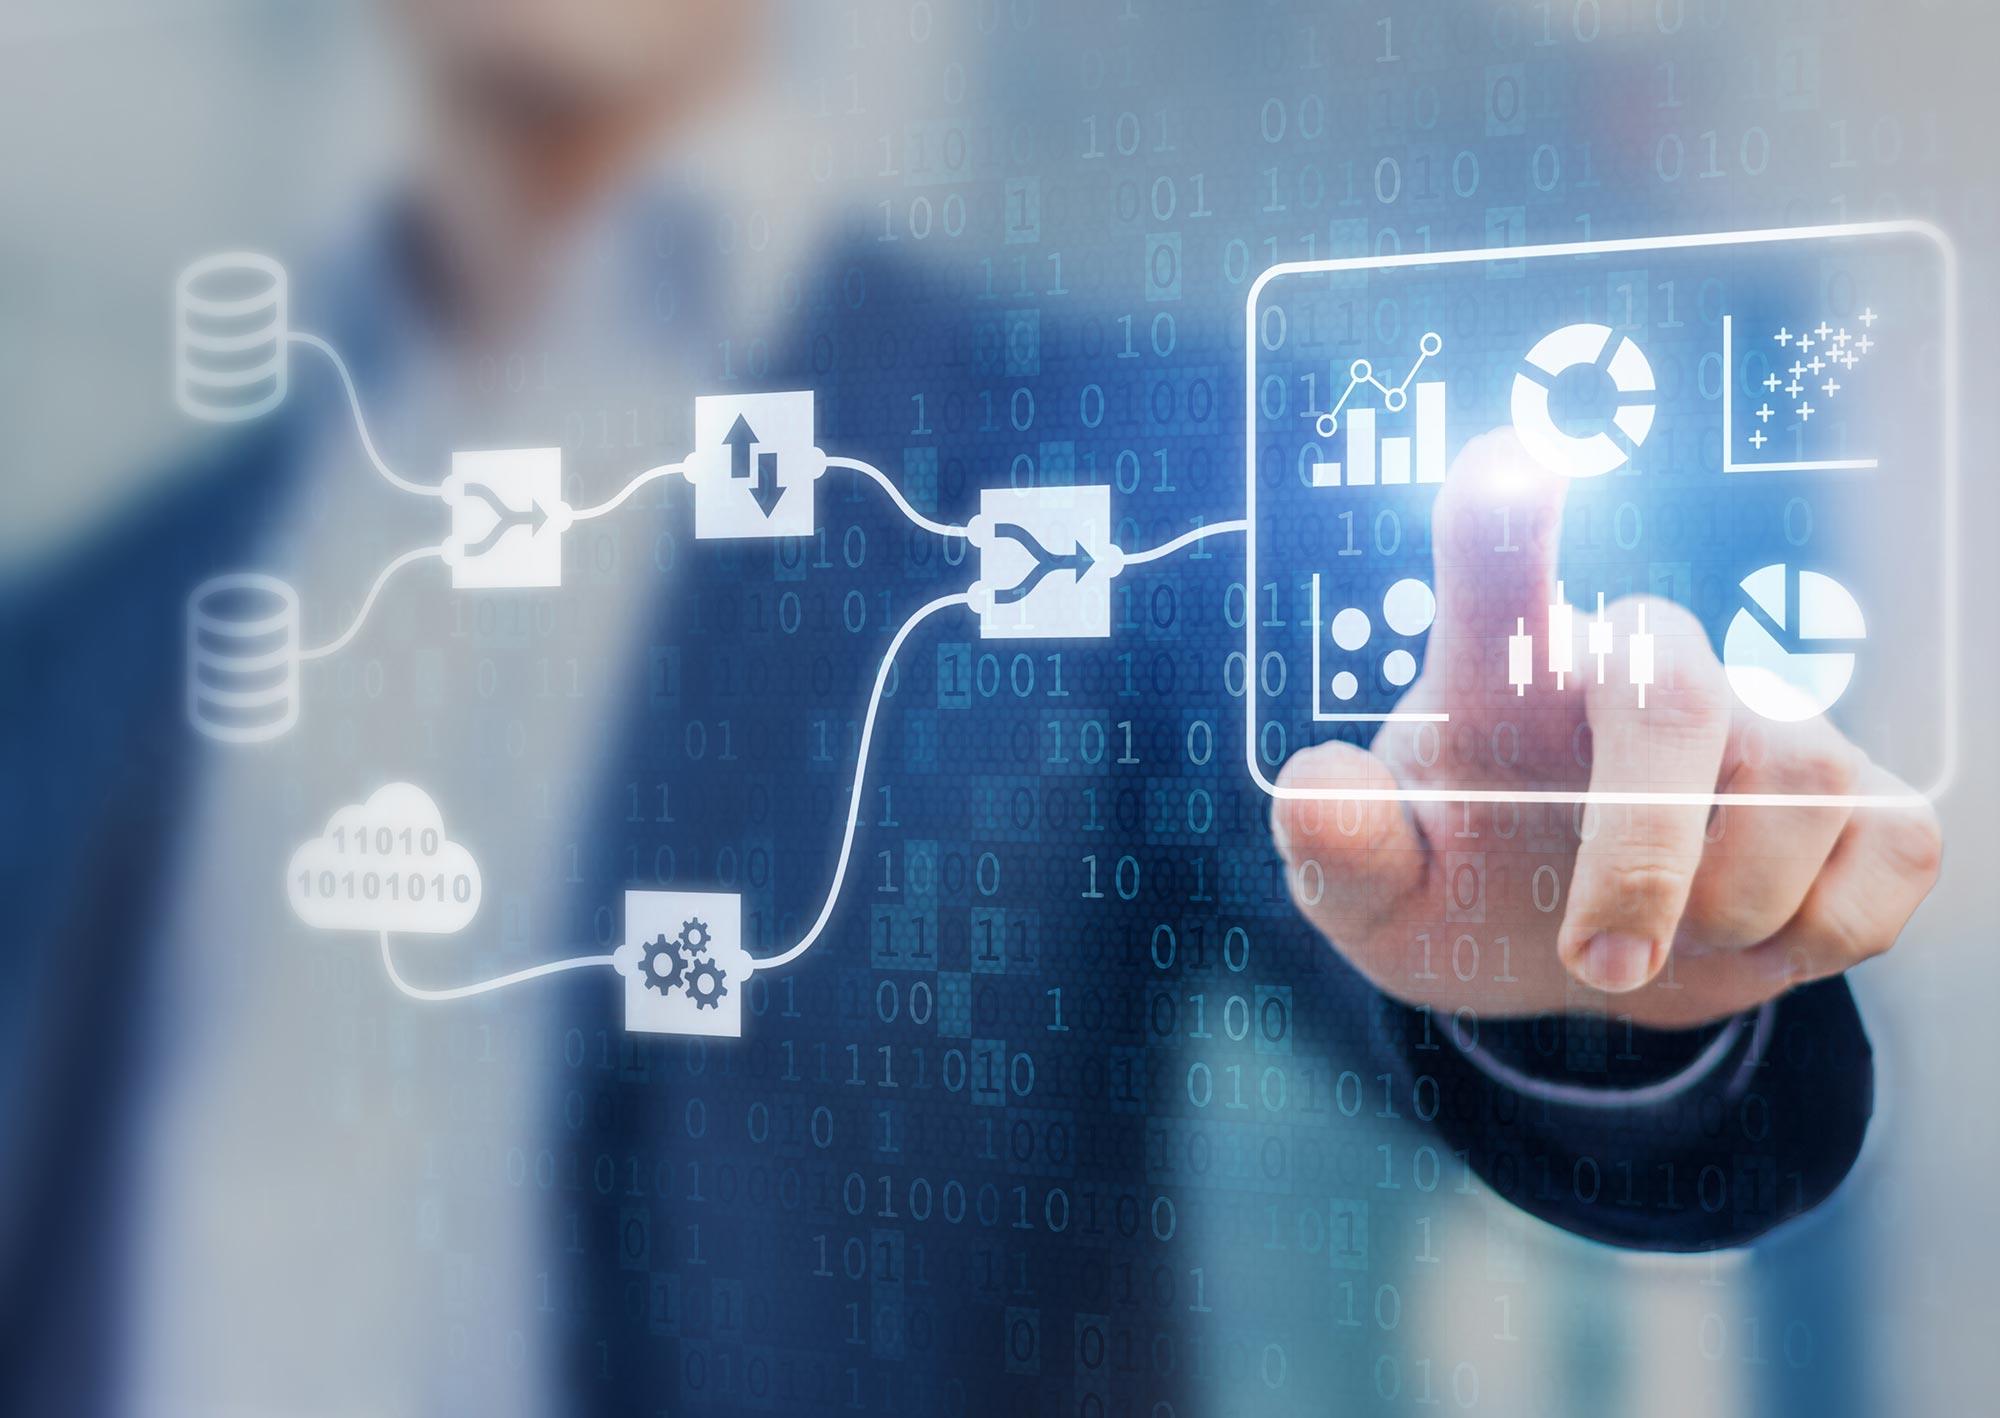 network-management-automation-analytics-dashboard.jpg